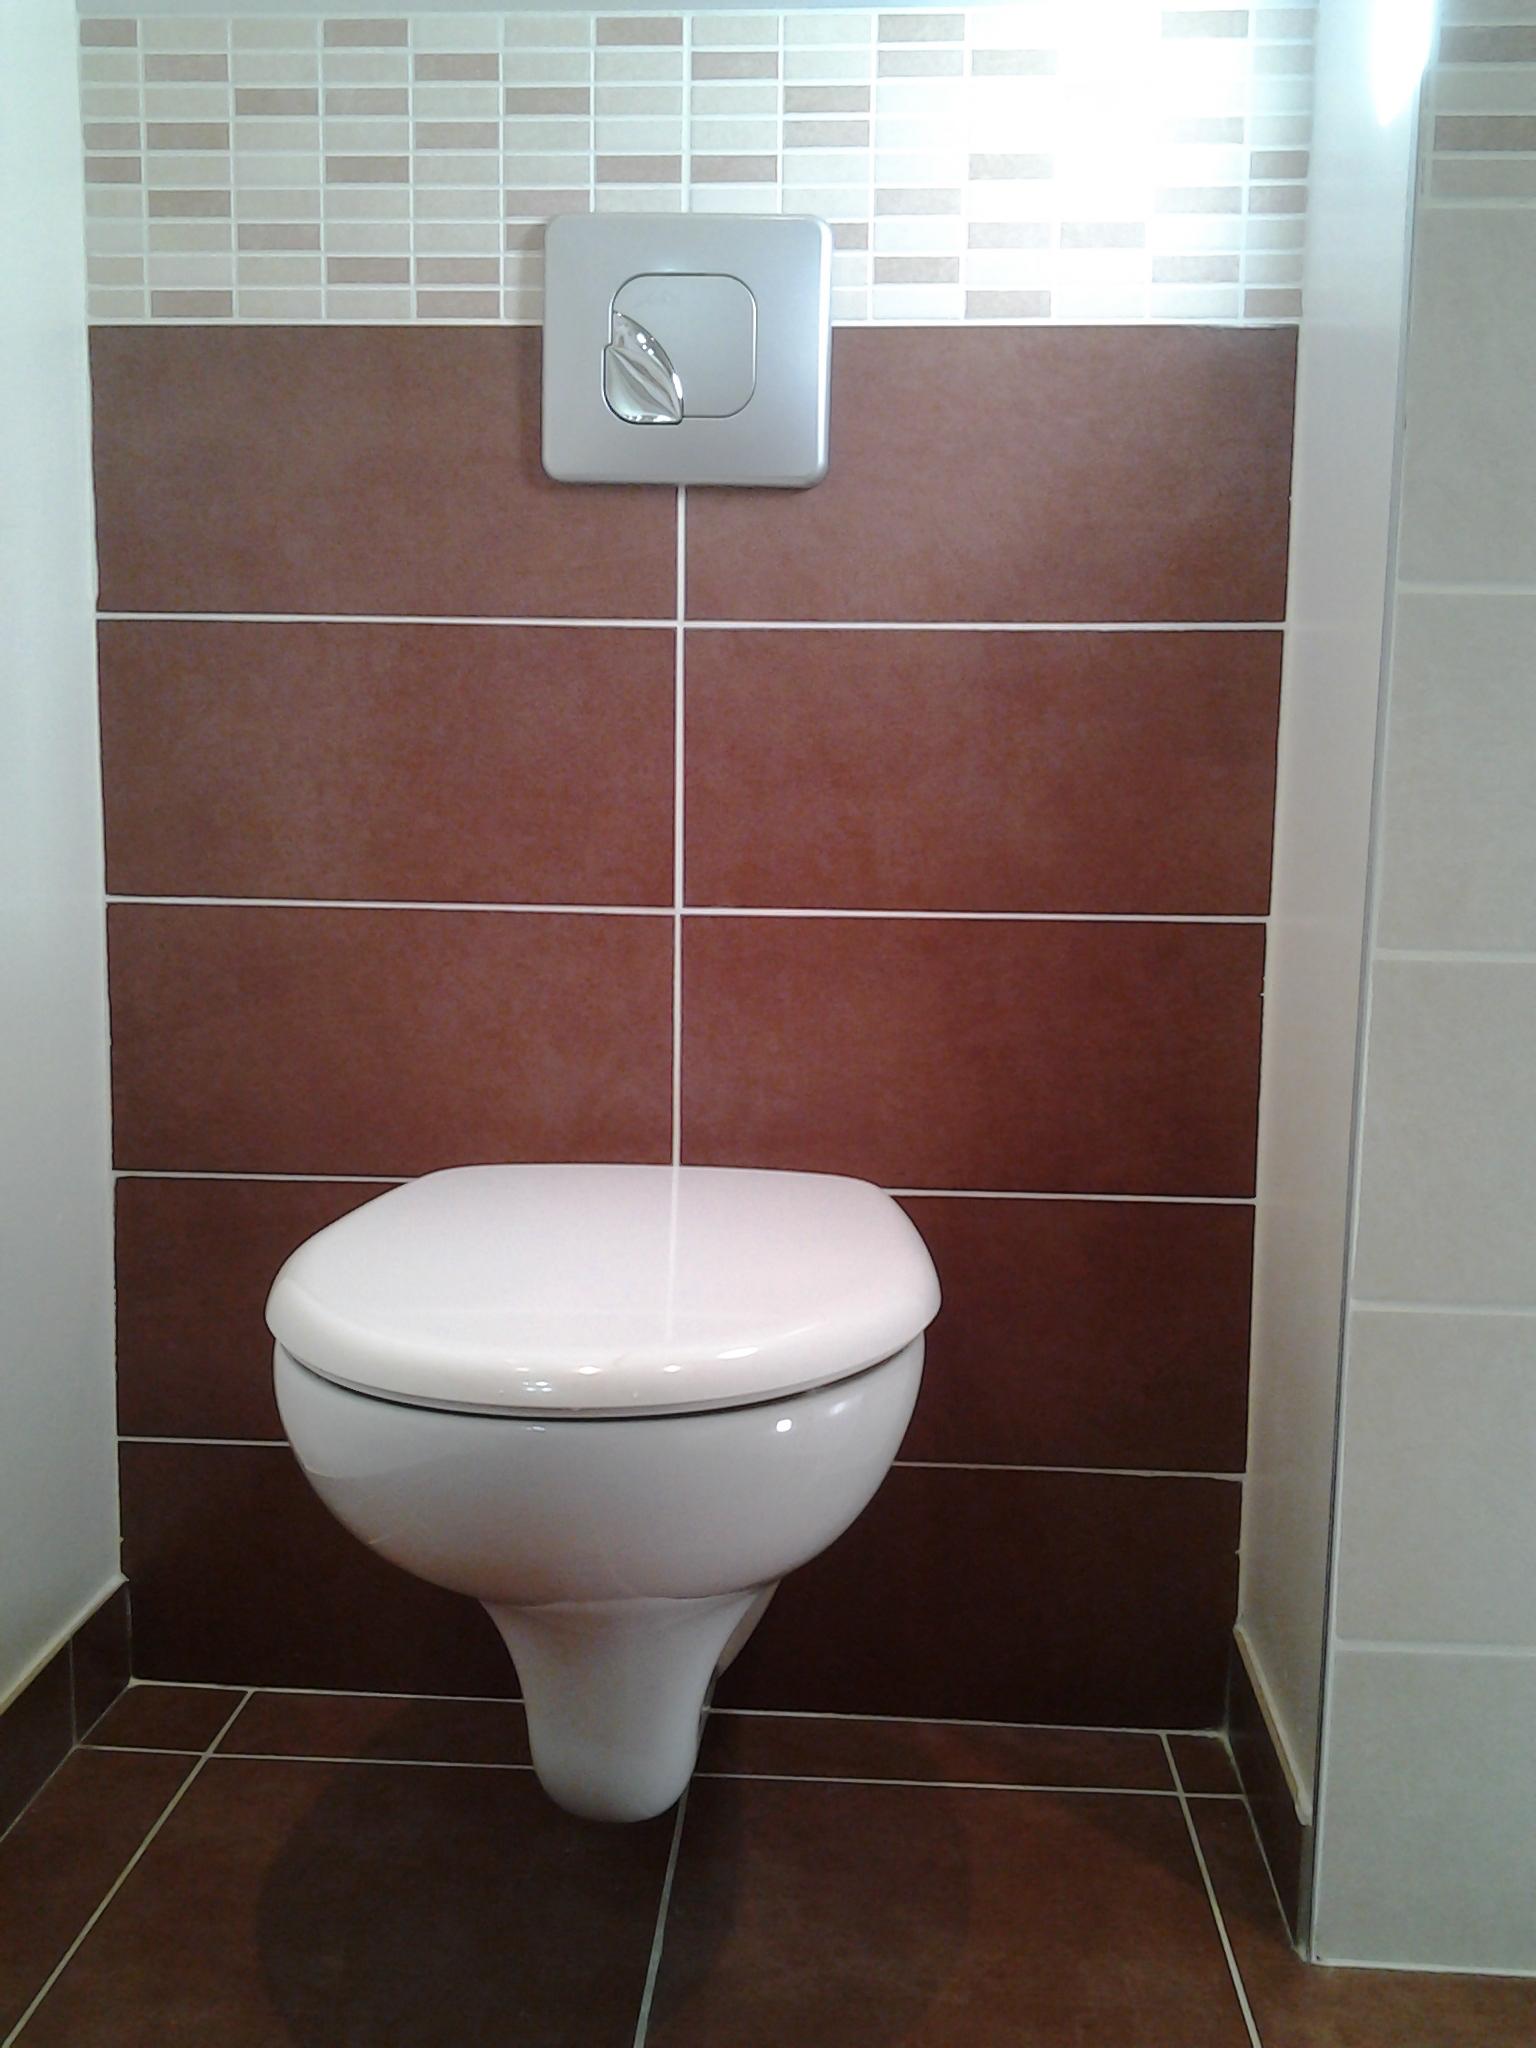 wc suspendu travaux renovation salle de bain n mes montpellier al s. Black Bedroom Furniture Sets. Home Design Ideas